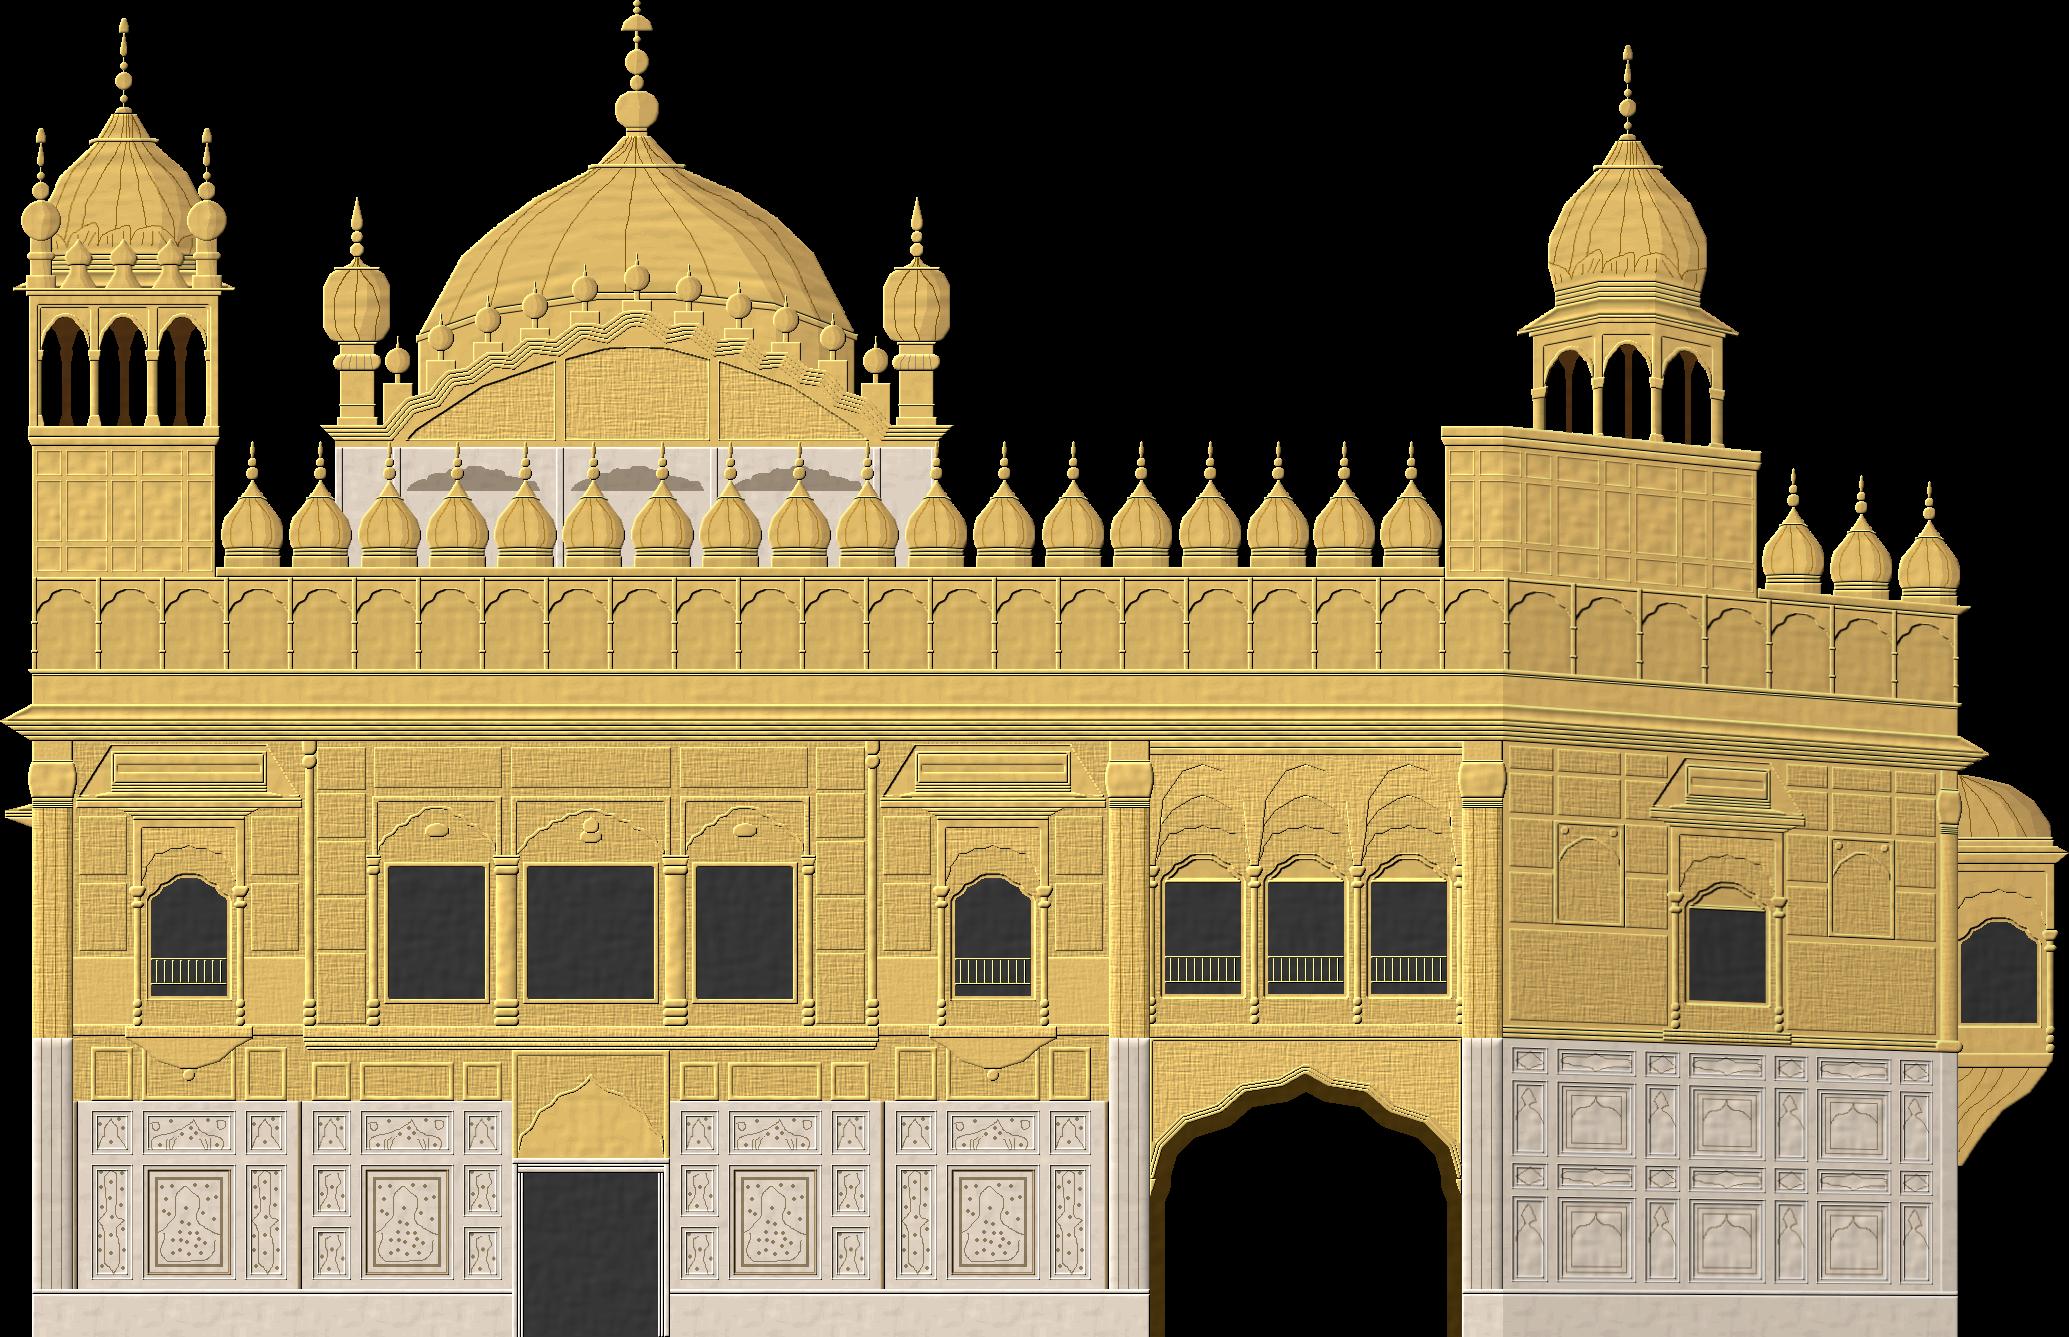 Golden Temple by Herbertrocha